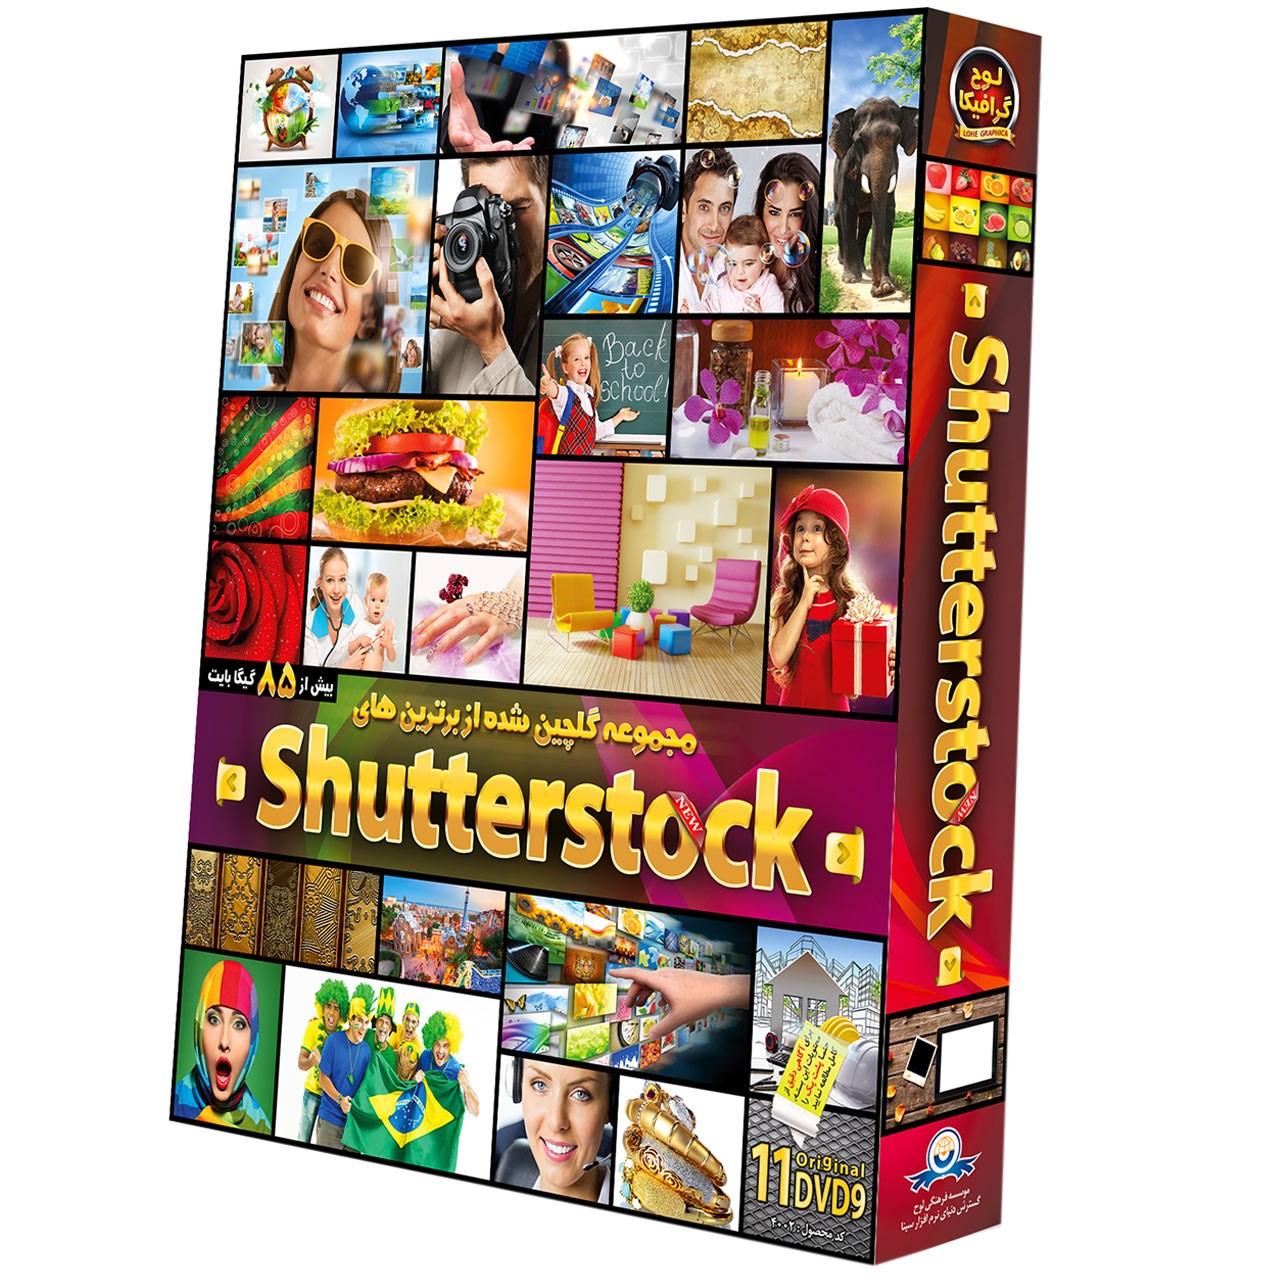 نرمافزار مجموعه Shutterstock نشر دنیای نرم افزار سینا